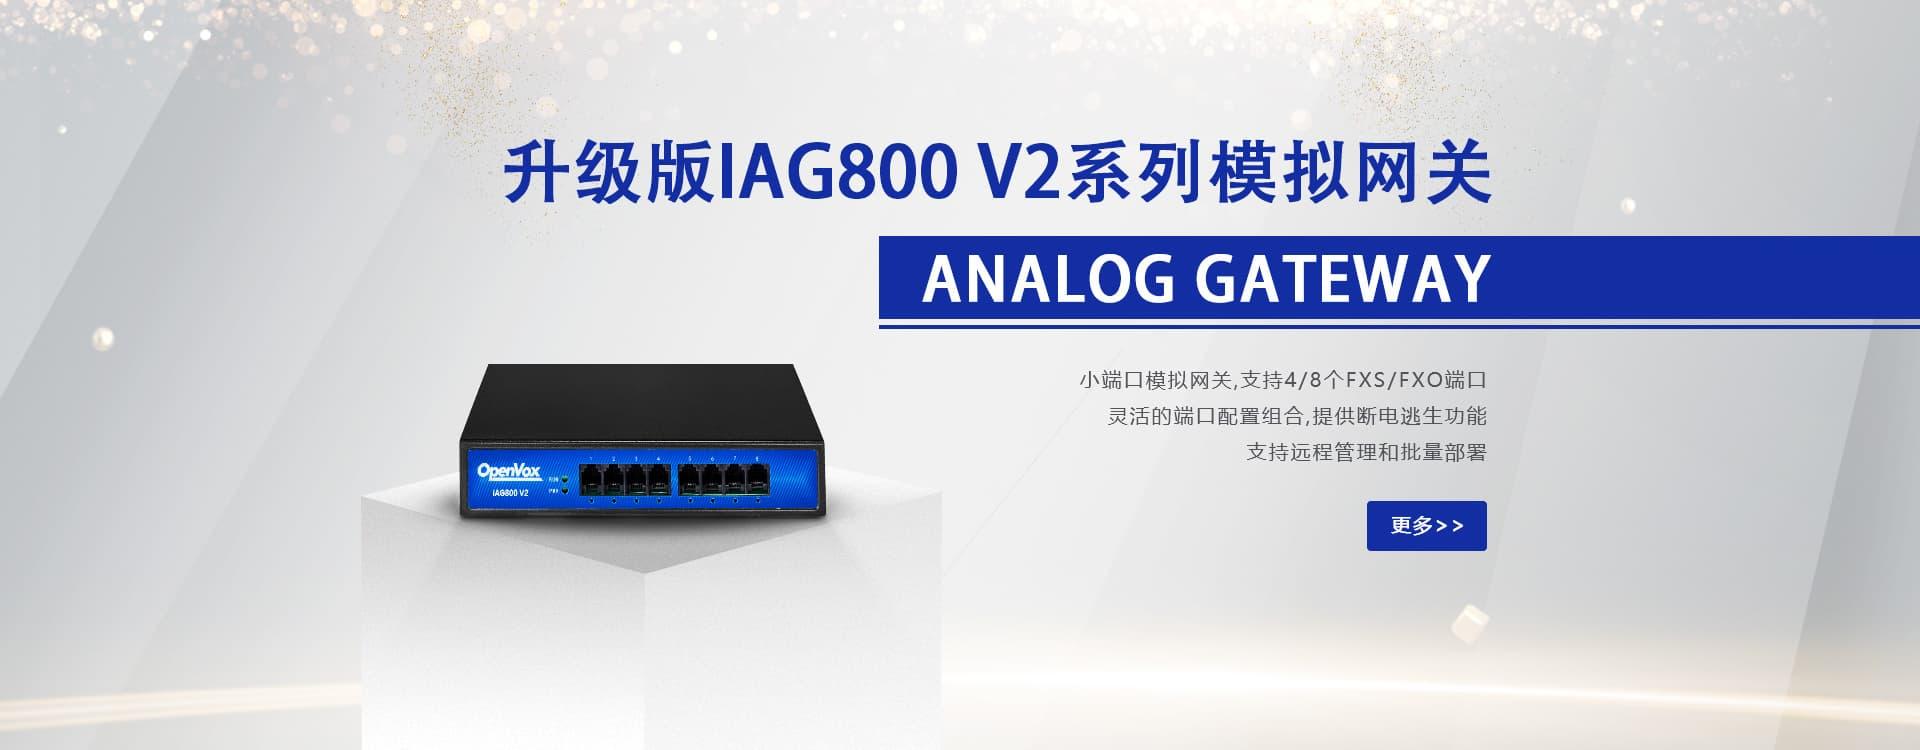 iag800-v2-cn